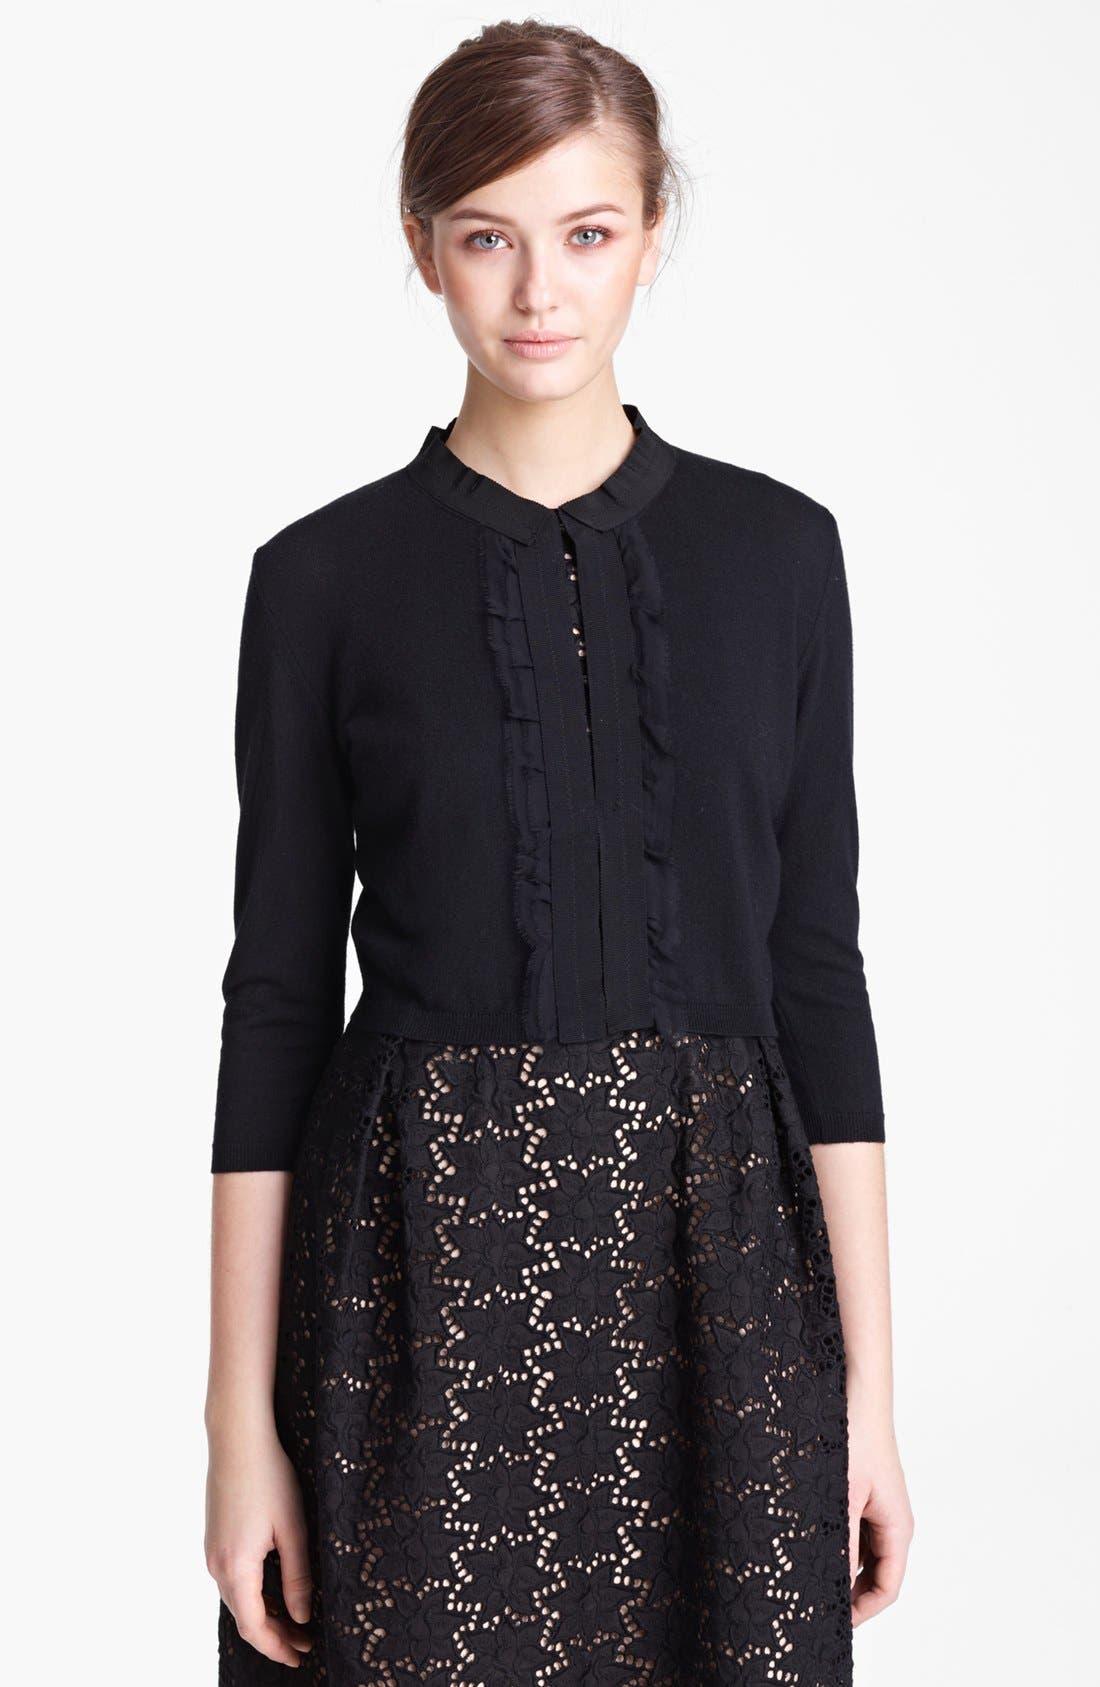 Alternate Image 1 Selected - Max Mara 'Oreste' Crop Cashmere & Silk Cardigan